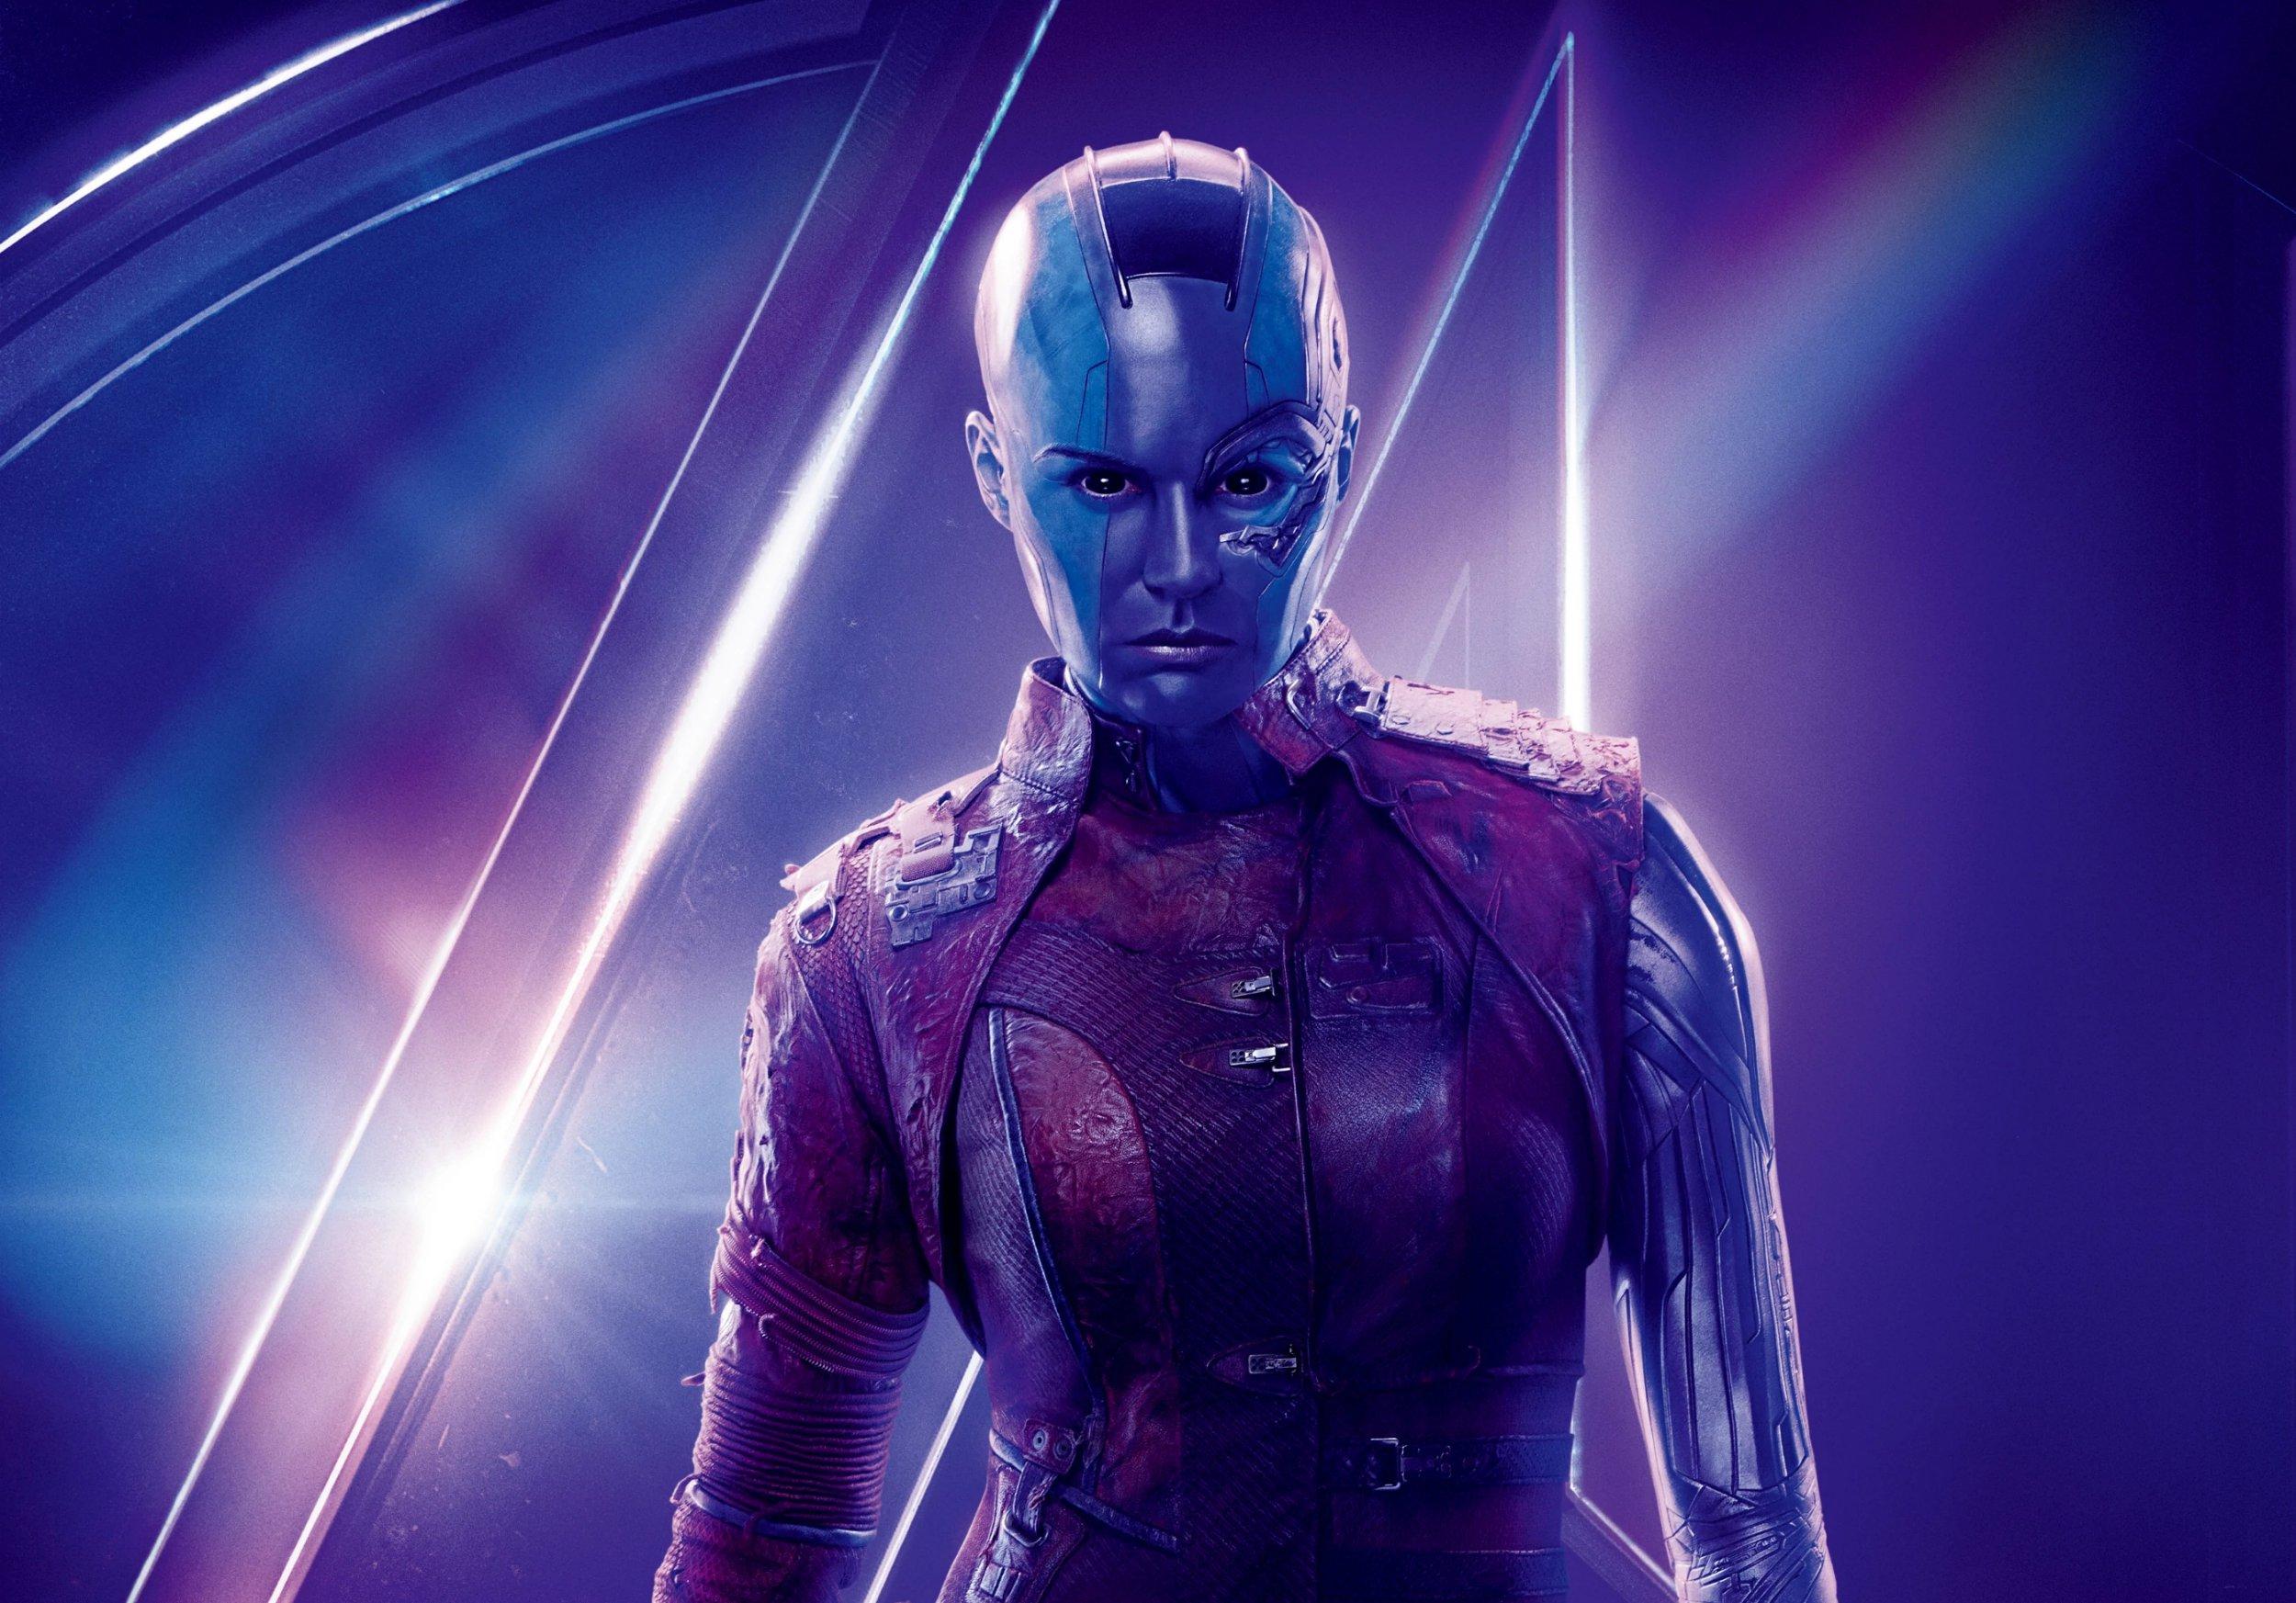 Karen Gillan basically confirms Avengers 4 will include time travel